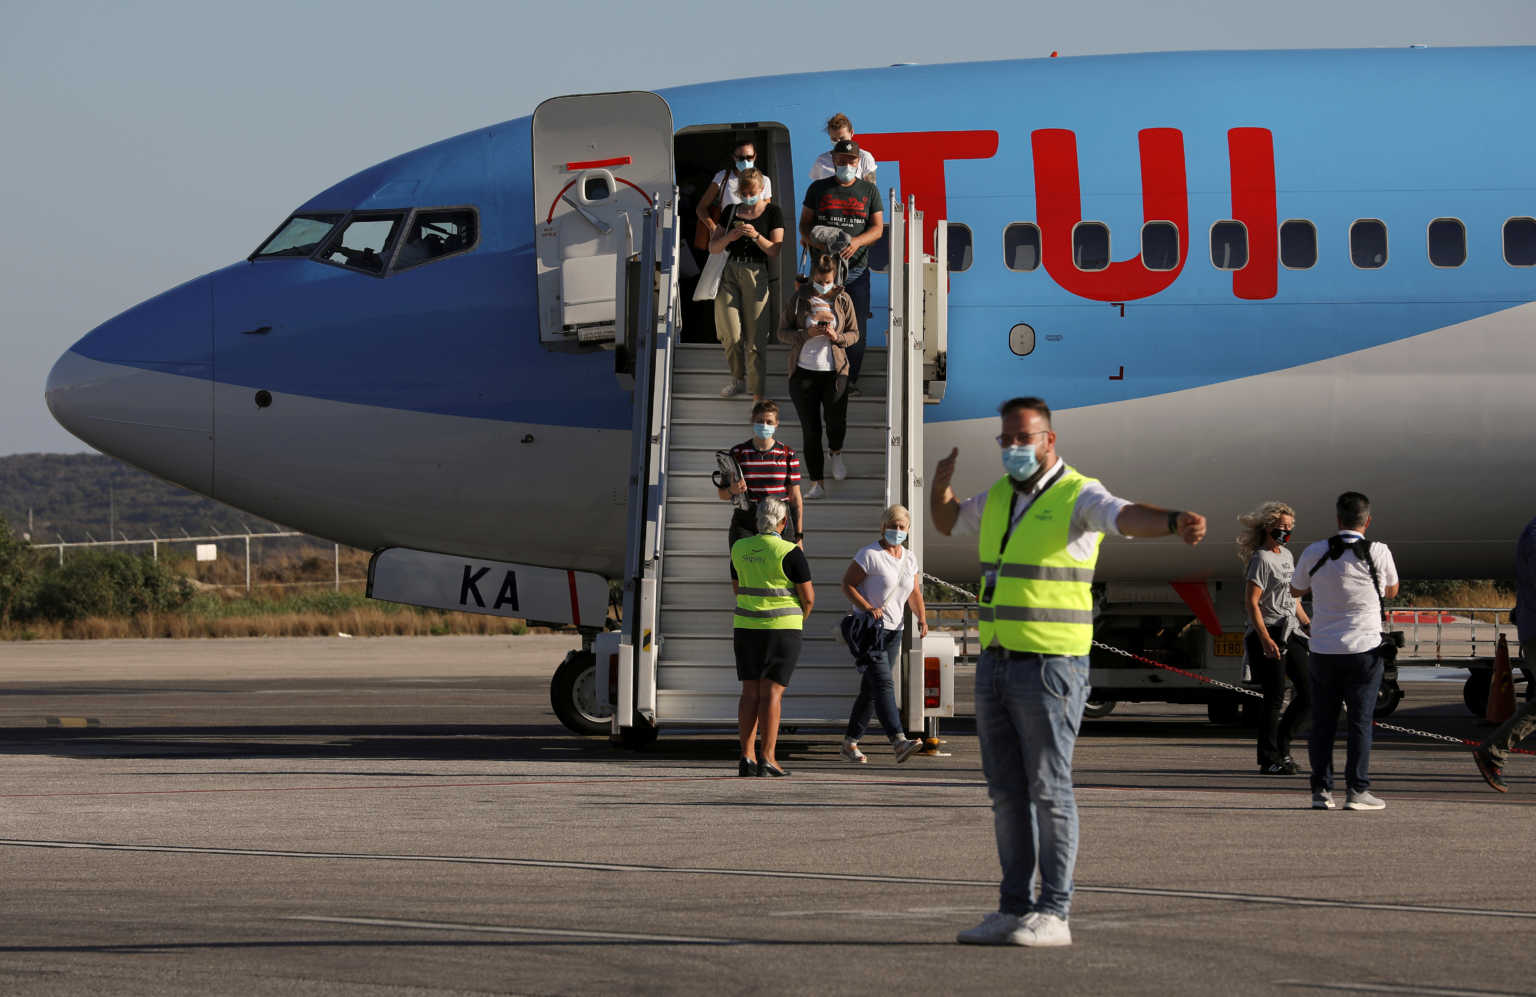 Λαγανάς τέλος από την TUI! – Πιέσεις στον Τζόνσον να μπει η Ελλάδα σε ταξιδιωτική καραντίνα